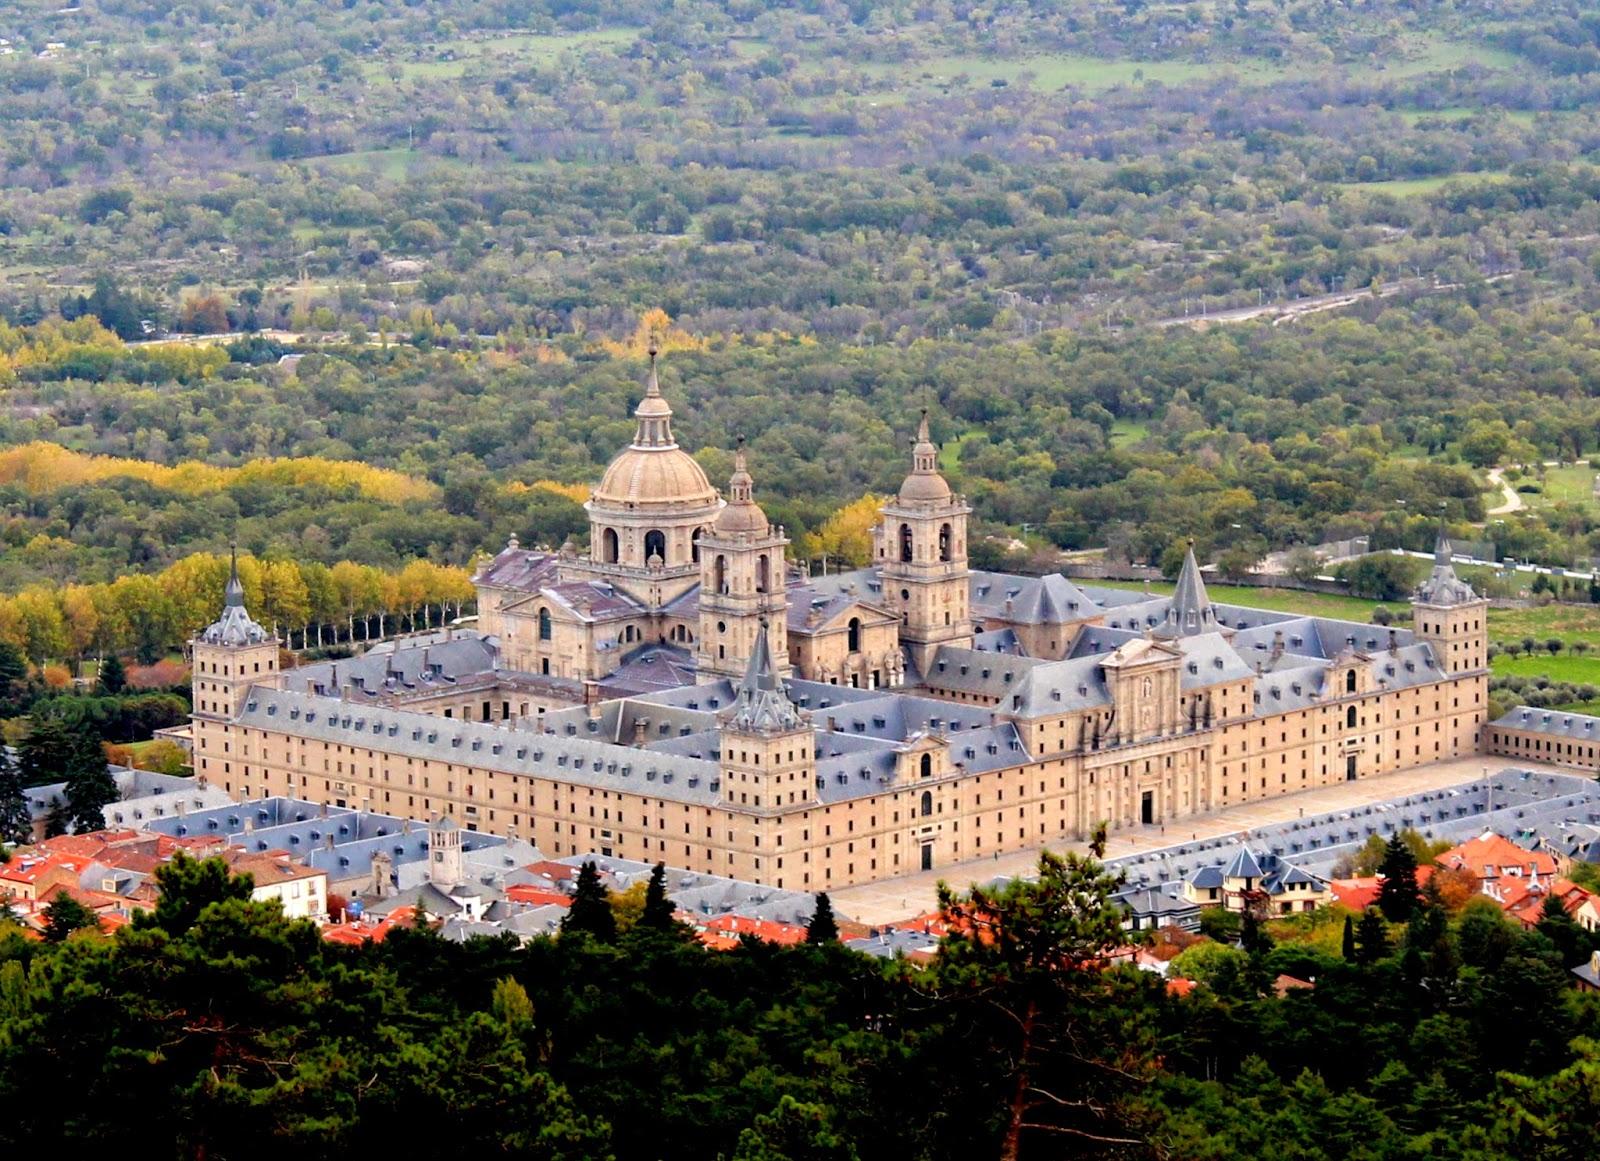 Monasterio de San Lorenzo de El Escorial desde el Monte de Abantos